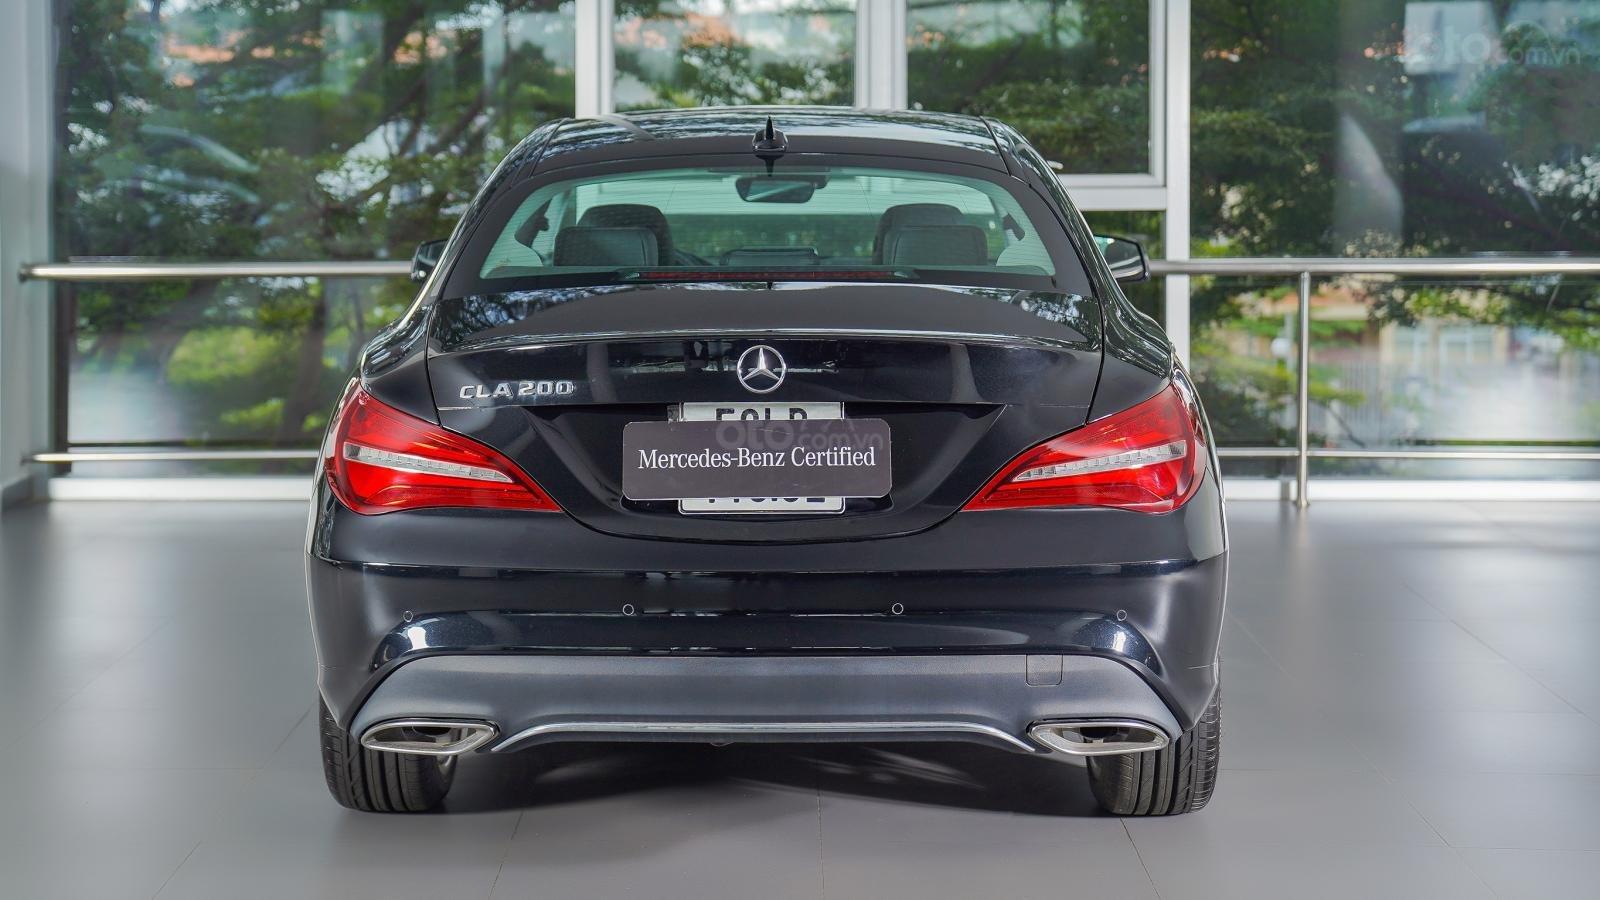 Bán Mercedes CLA 200 2017 cũ nhập khẩu, gía 1.459 tỷ, giảm 319 triệu (5)